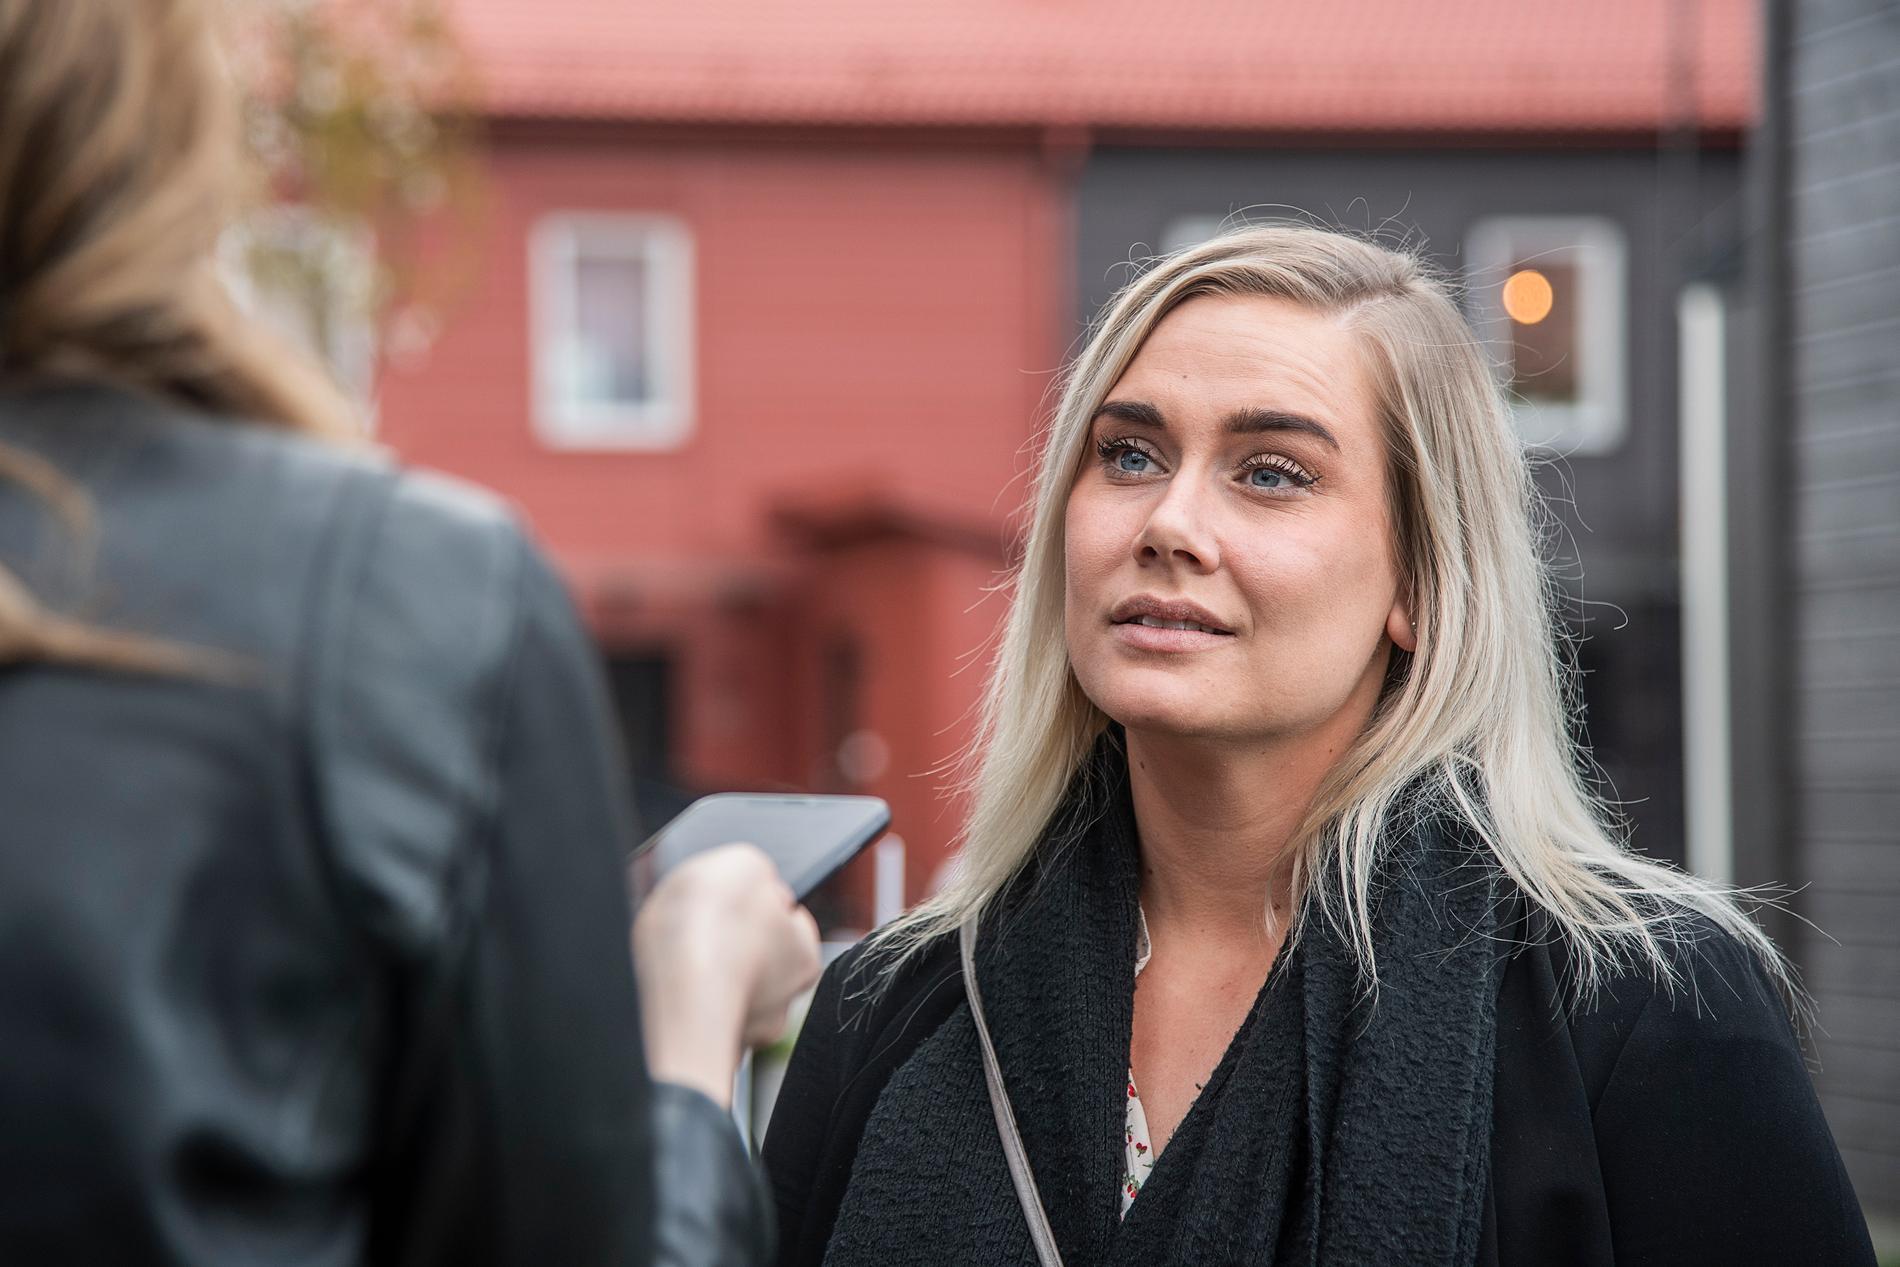 27-åriga Elinore Längquist är på en privat visning av ett radhus i Västerhaninge i Stockholms län. Hon får se bostaden innan den fotograferas och läggs ut på nätet.